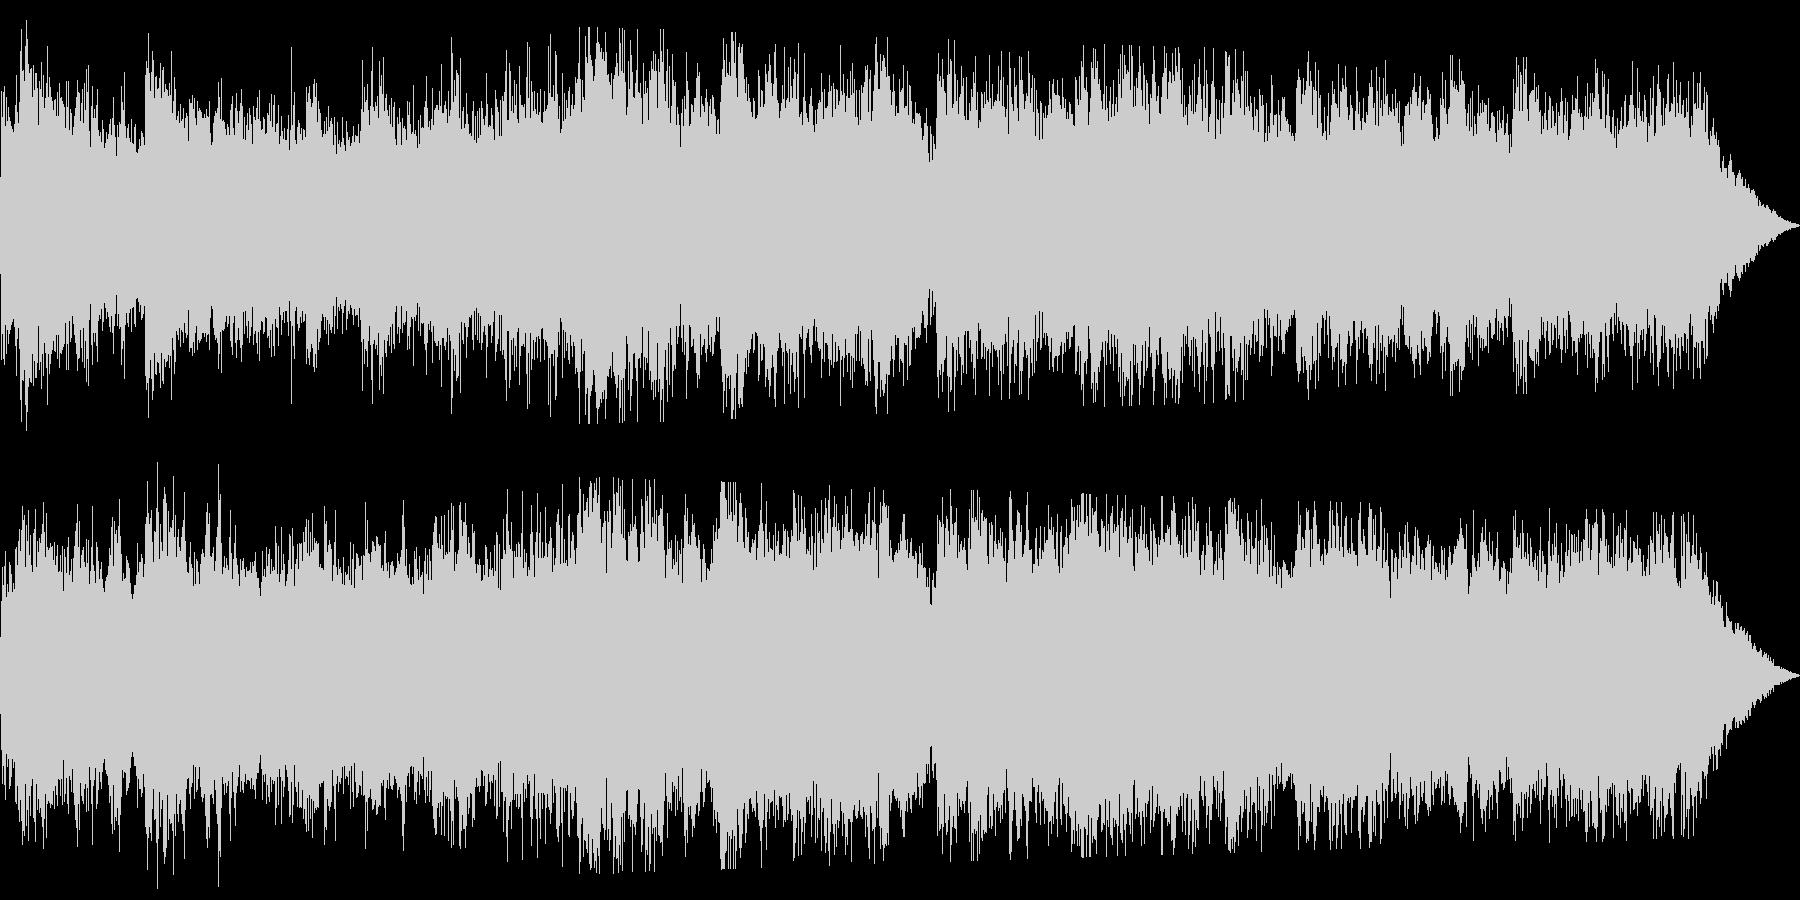 重低音が響くホラーサウンドです。の未再生の波形